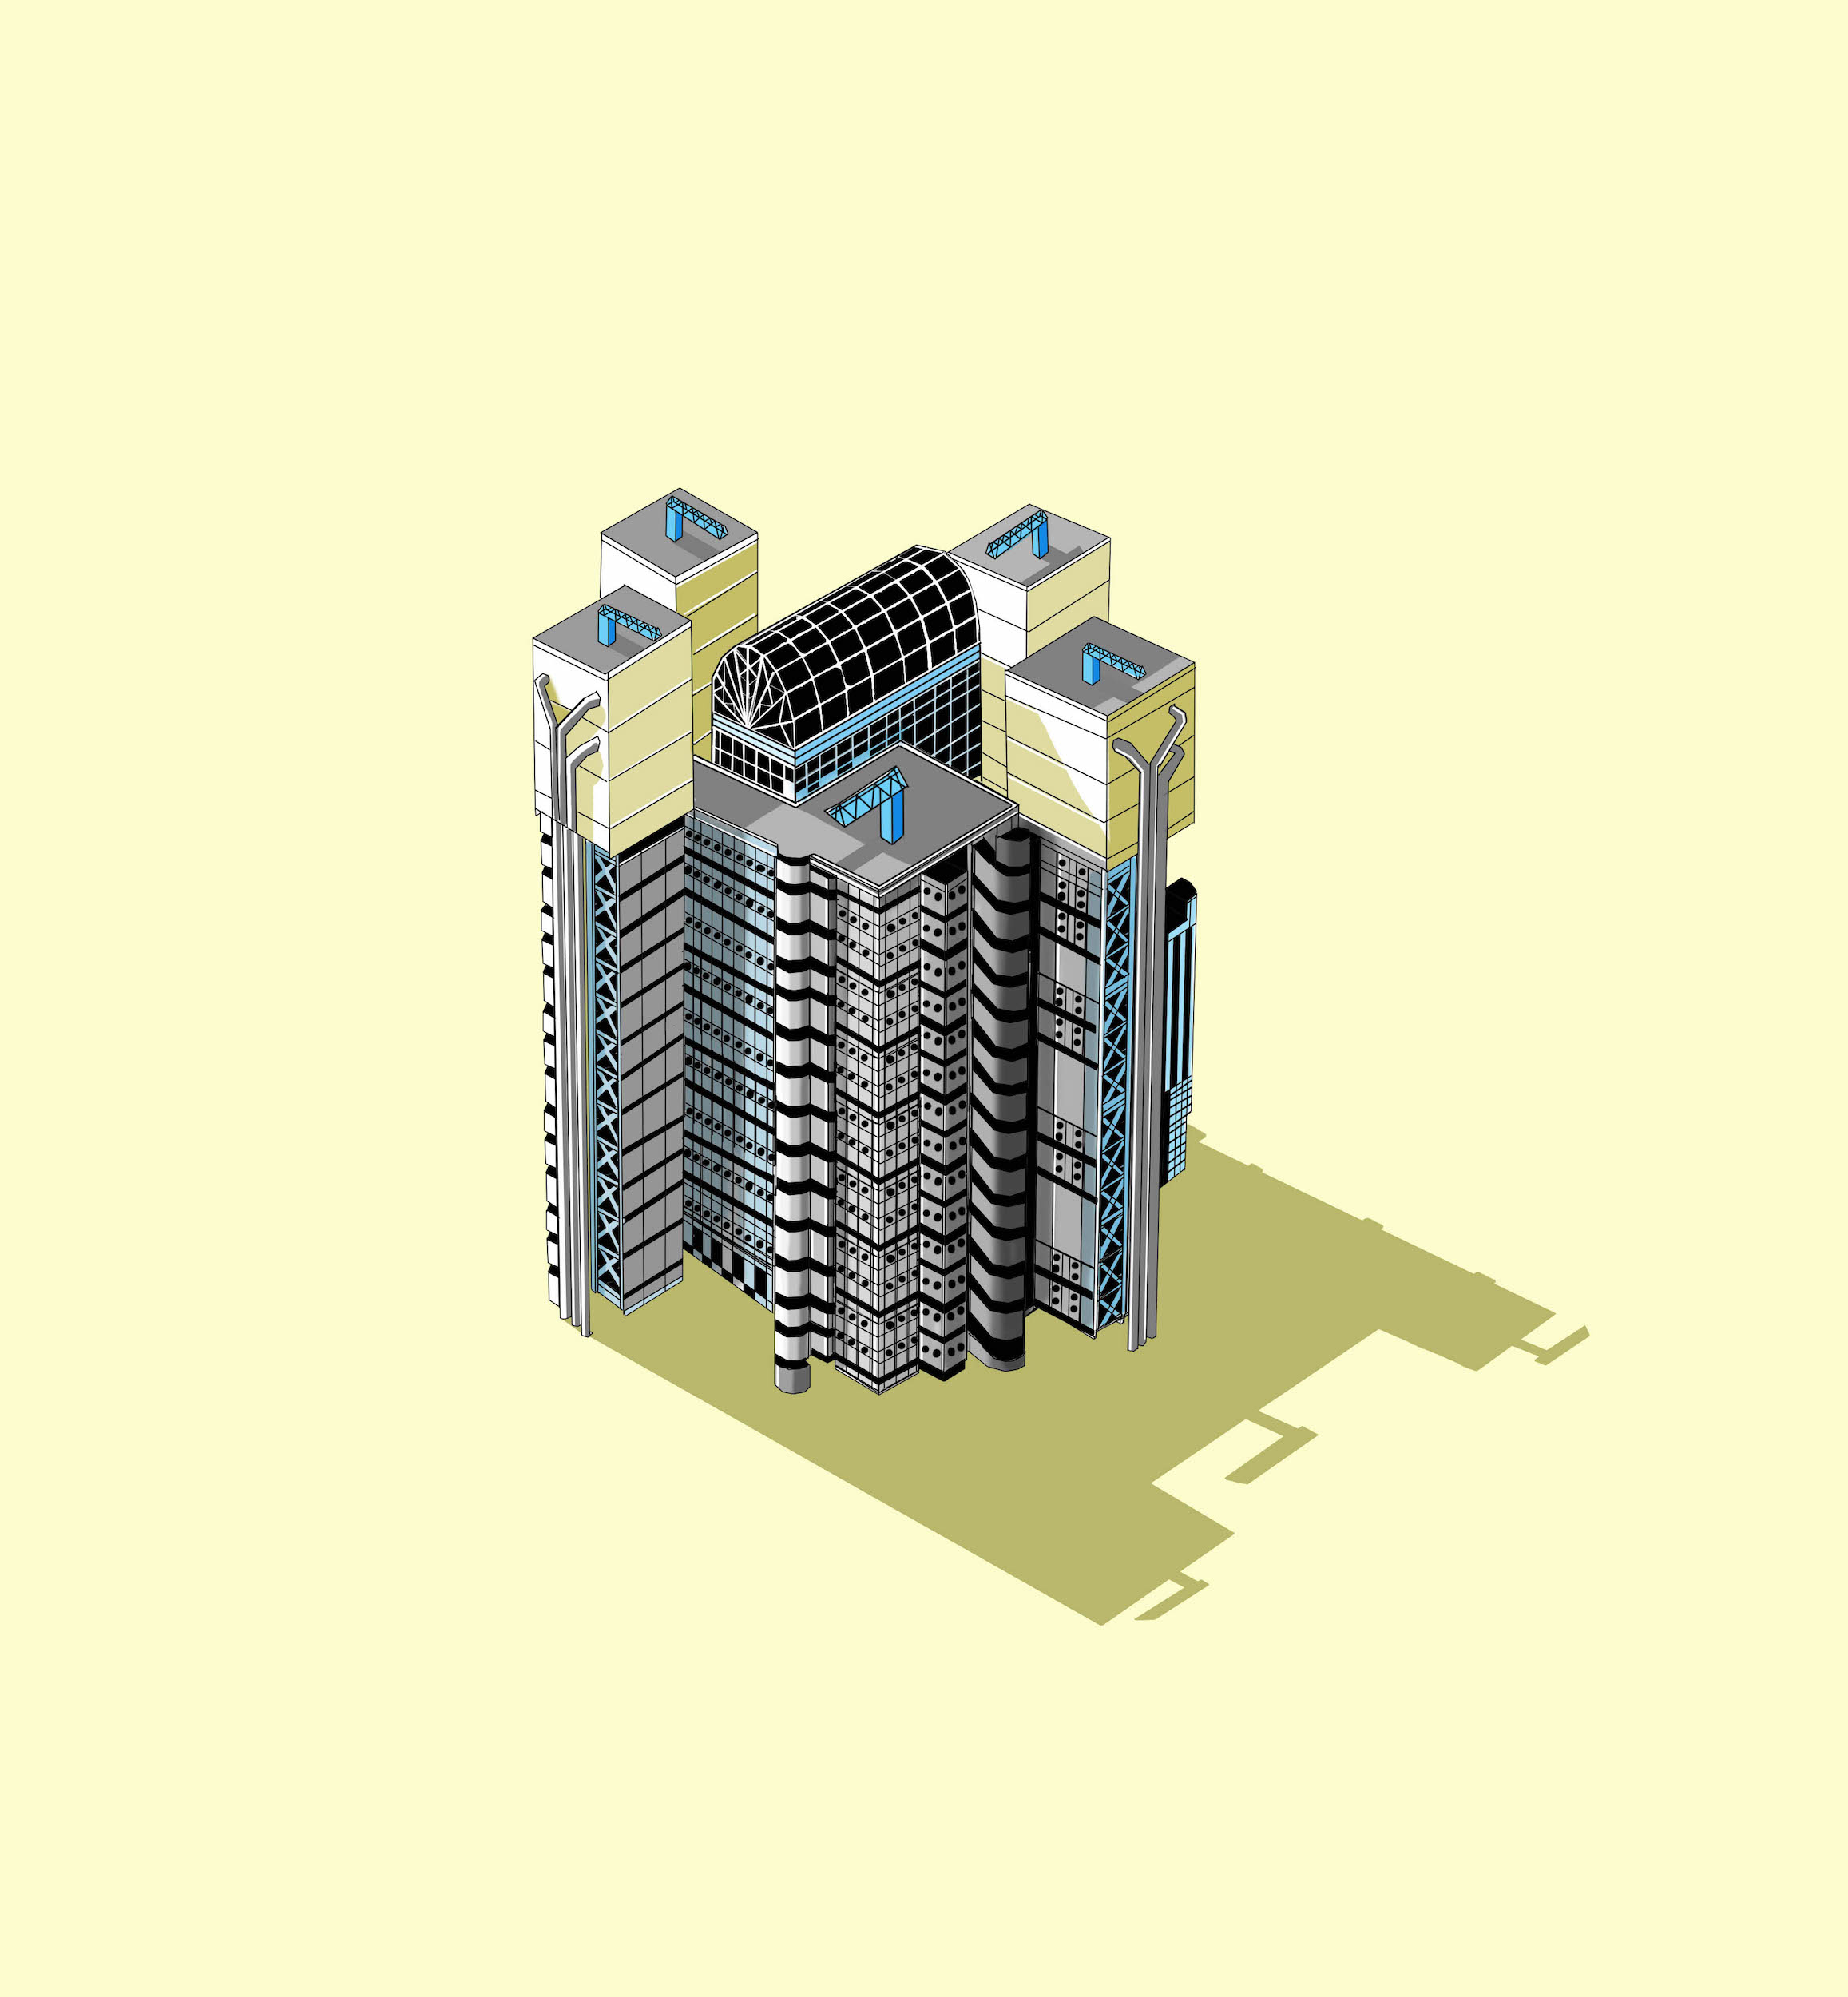 Lloyds Building  Illustration by Katherine Baxter